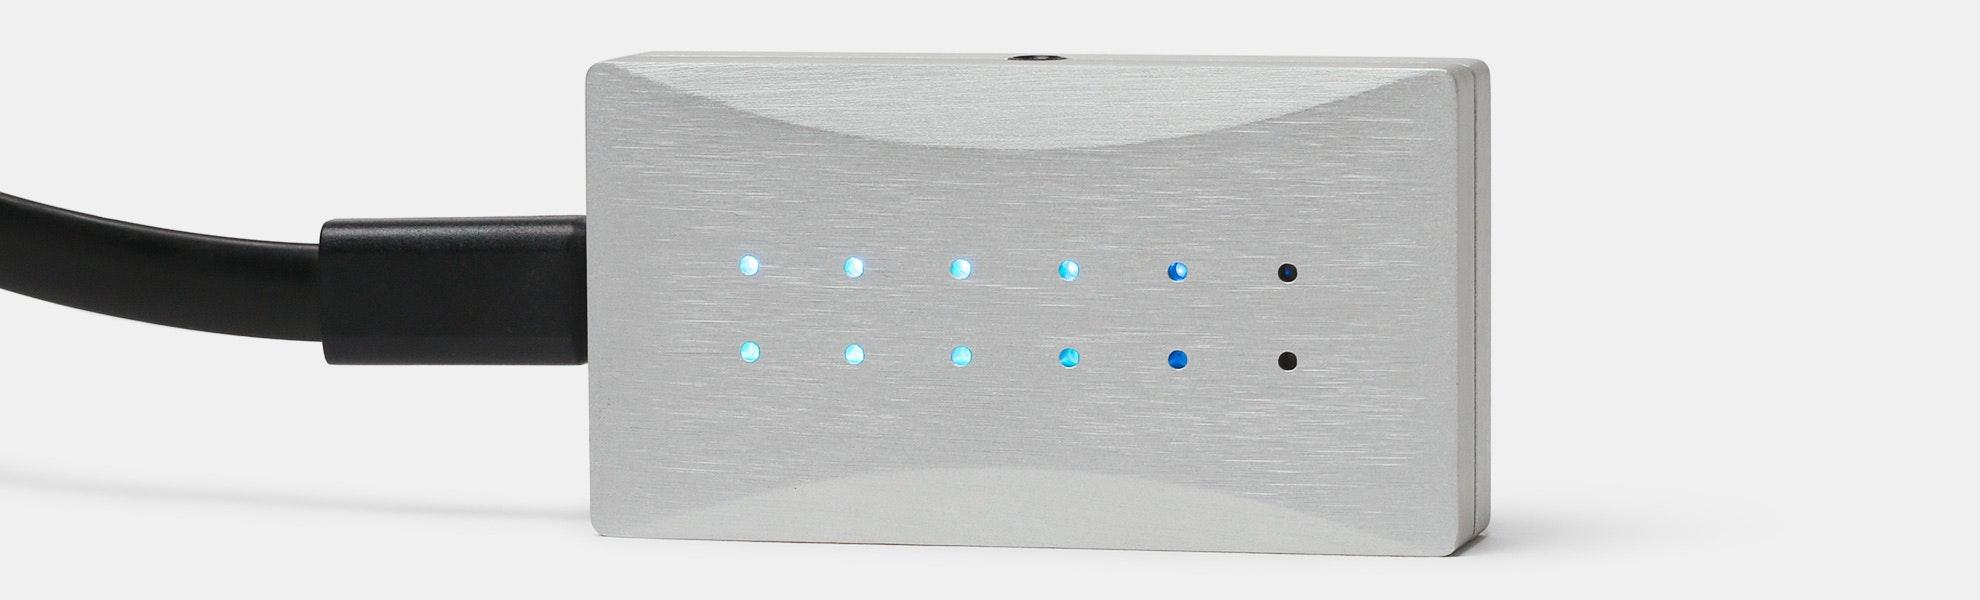 H2 Designs MIYO DAC/Amp